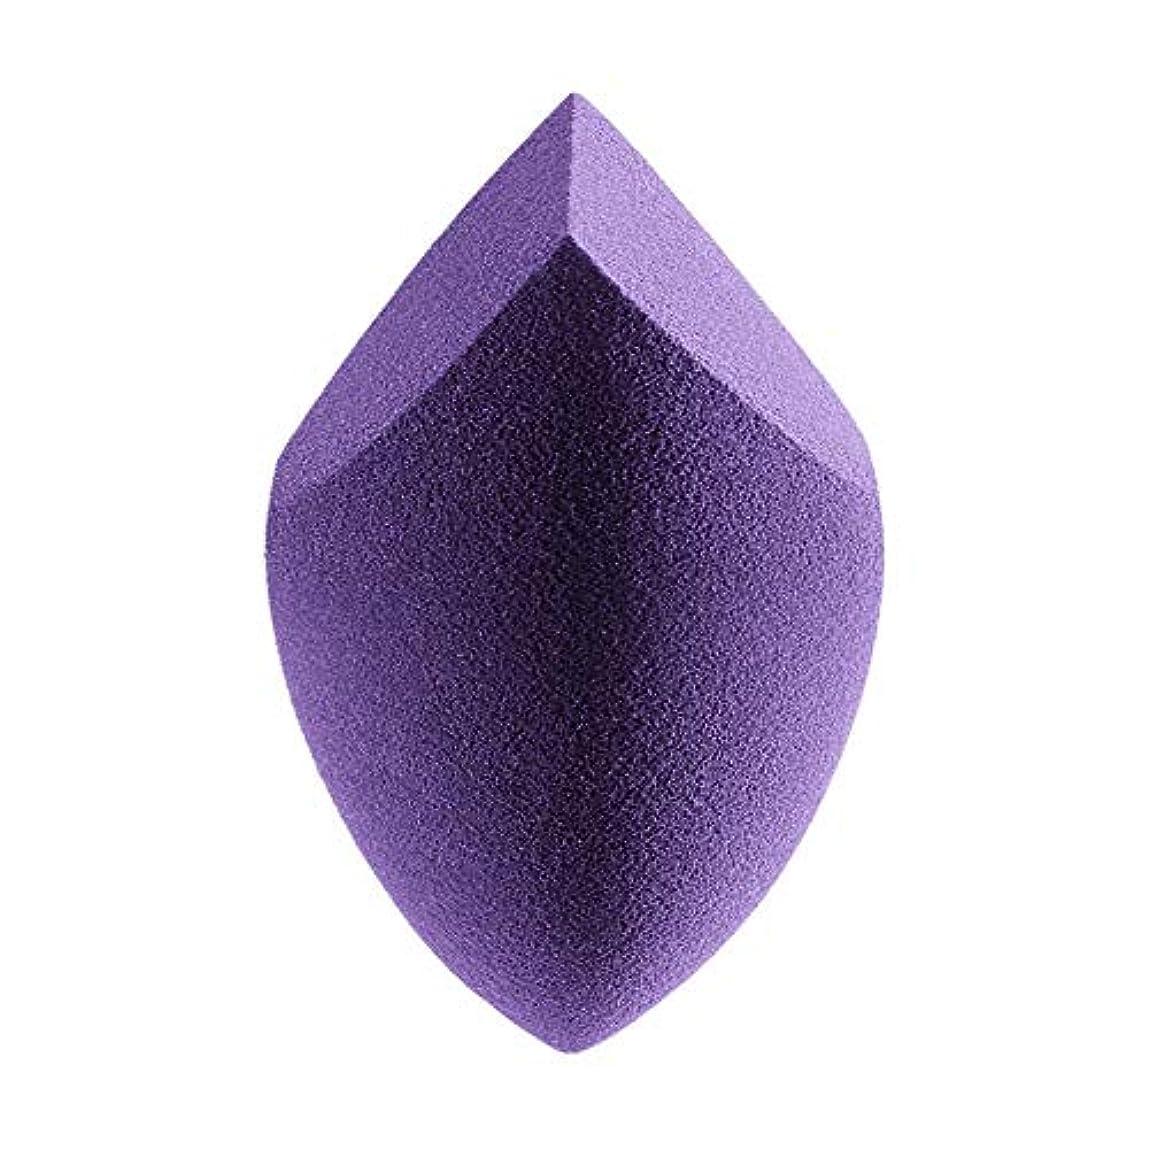 マージンキャプションレーダーBrill(ブリーオ) メイクアップスポンジ ふわふわ 化粧品パフ ファンデーション メイクアップ 吸水パウダーパフ 初心者 美容院 化粧道具